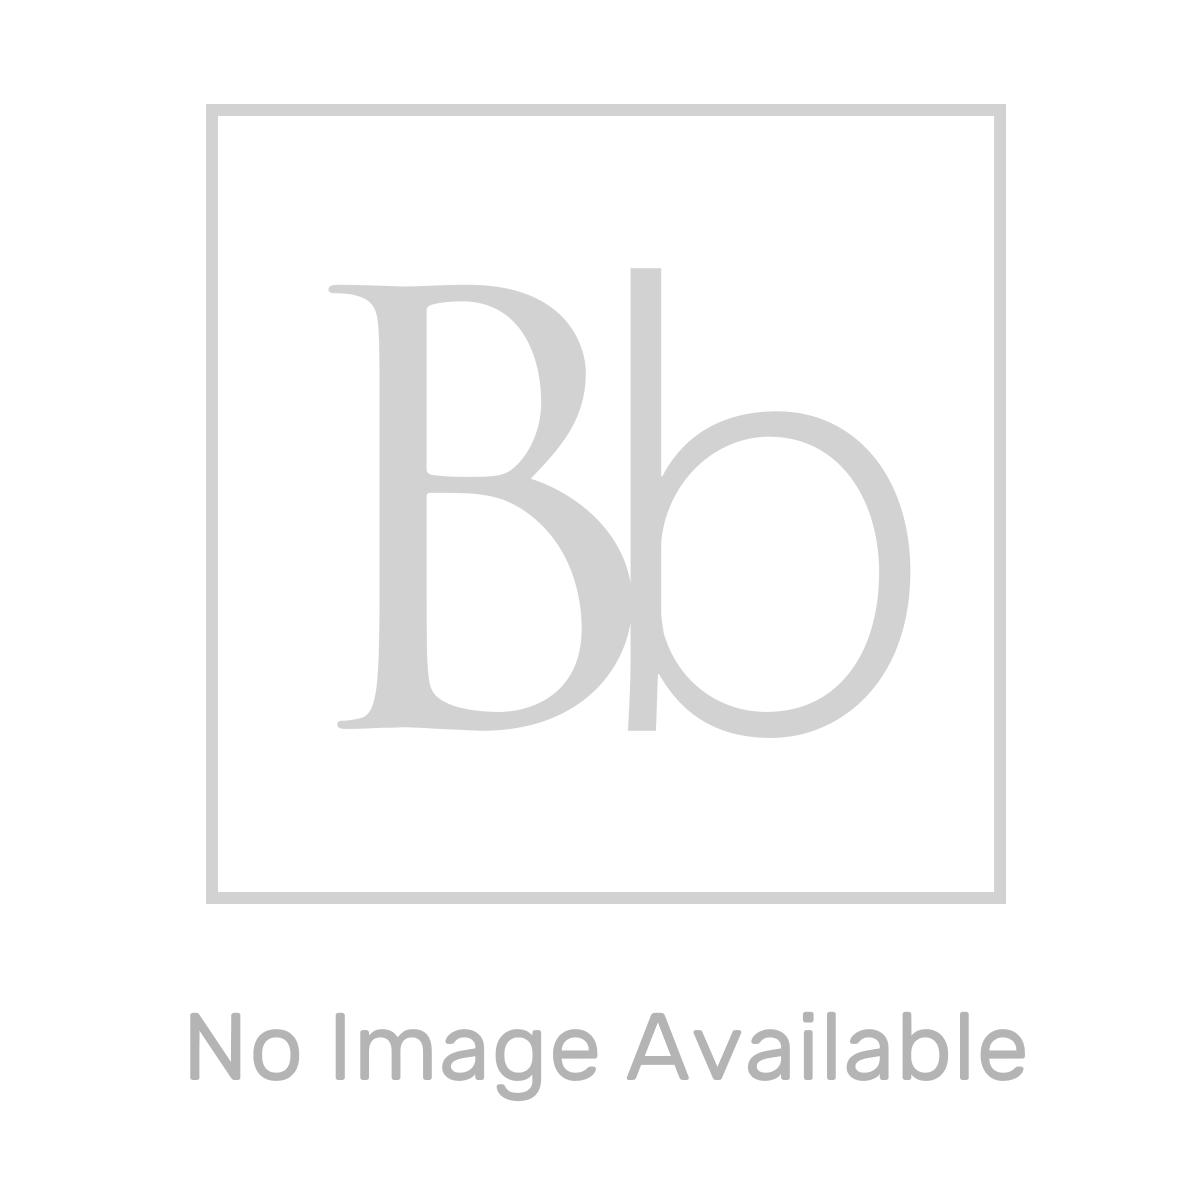 RAK Moon Illuminated LED Mirror 1200 x 500mm